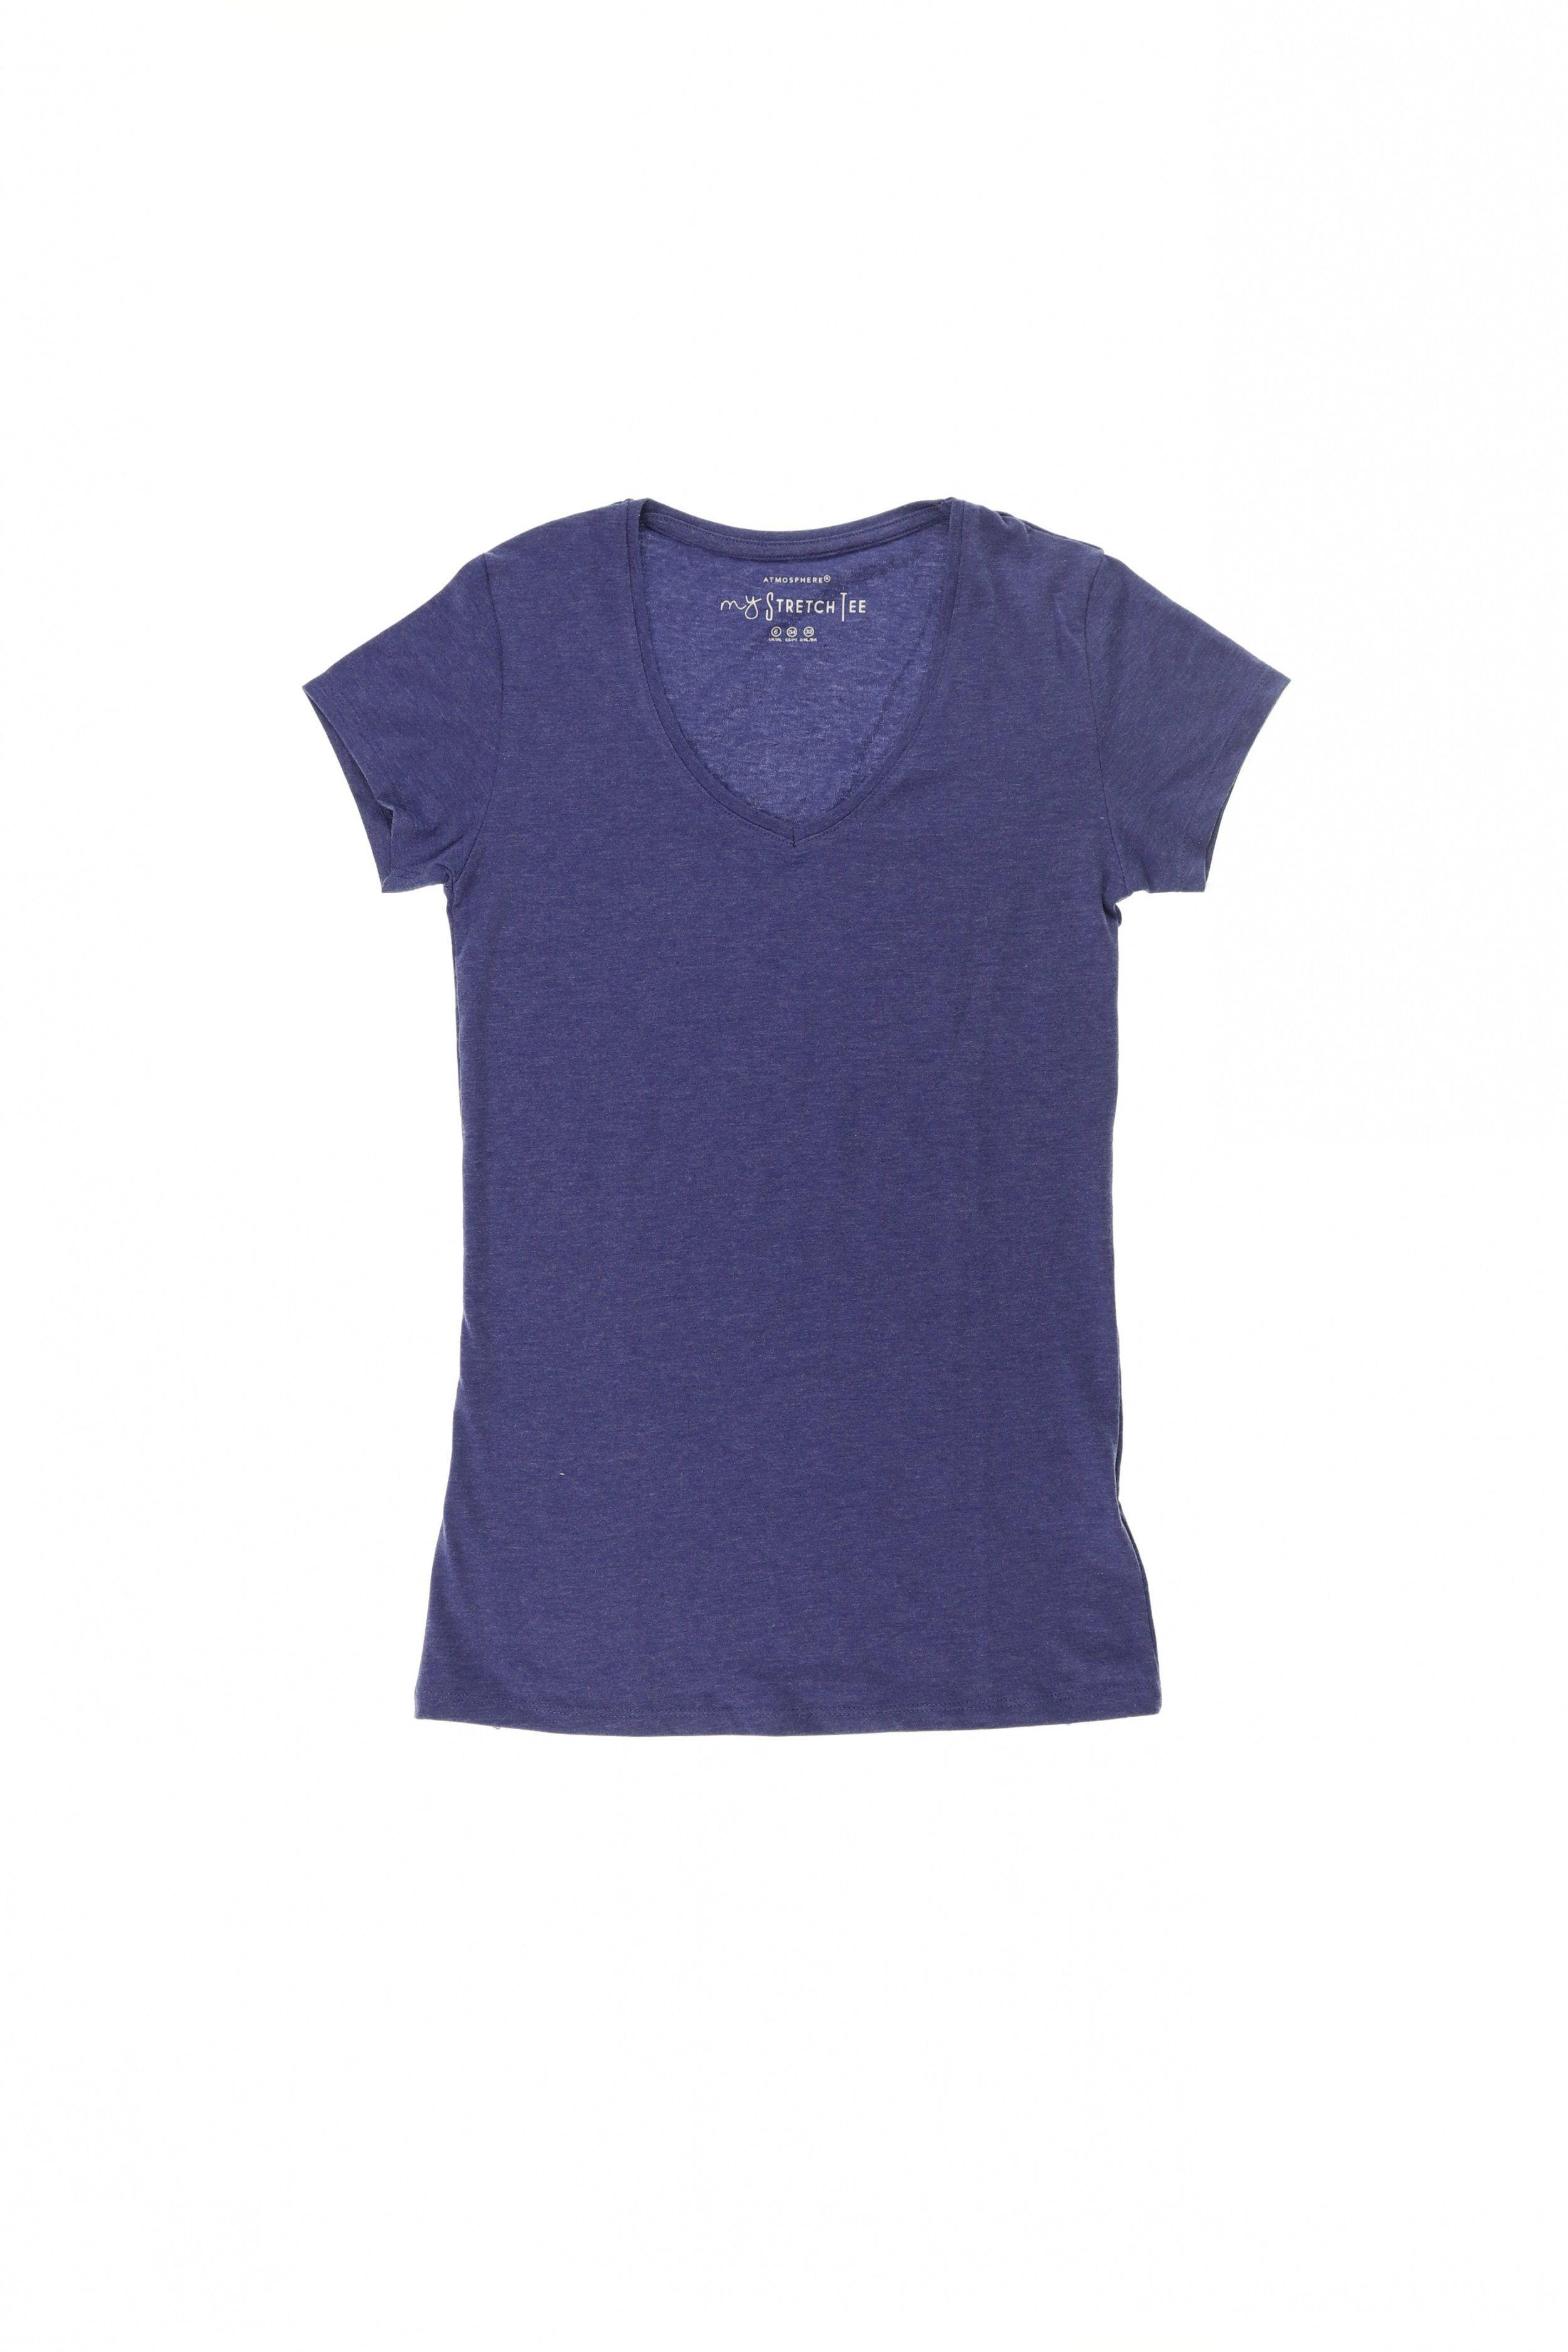 atmosphere damen t-shirt gr. de 32 (xs) baumwolle | mode